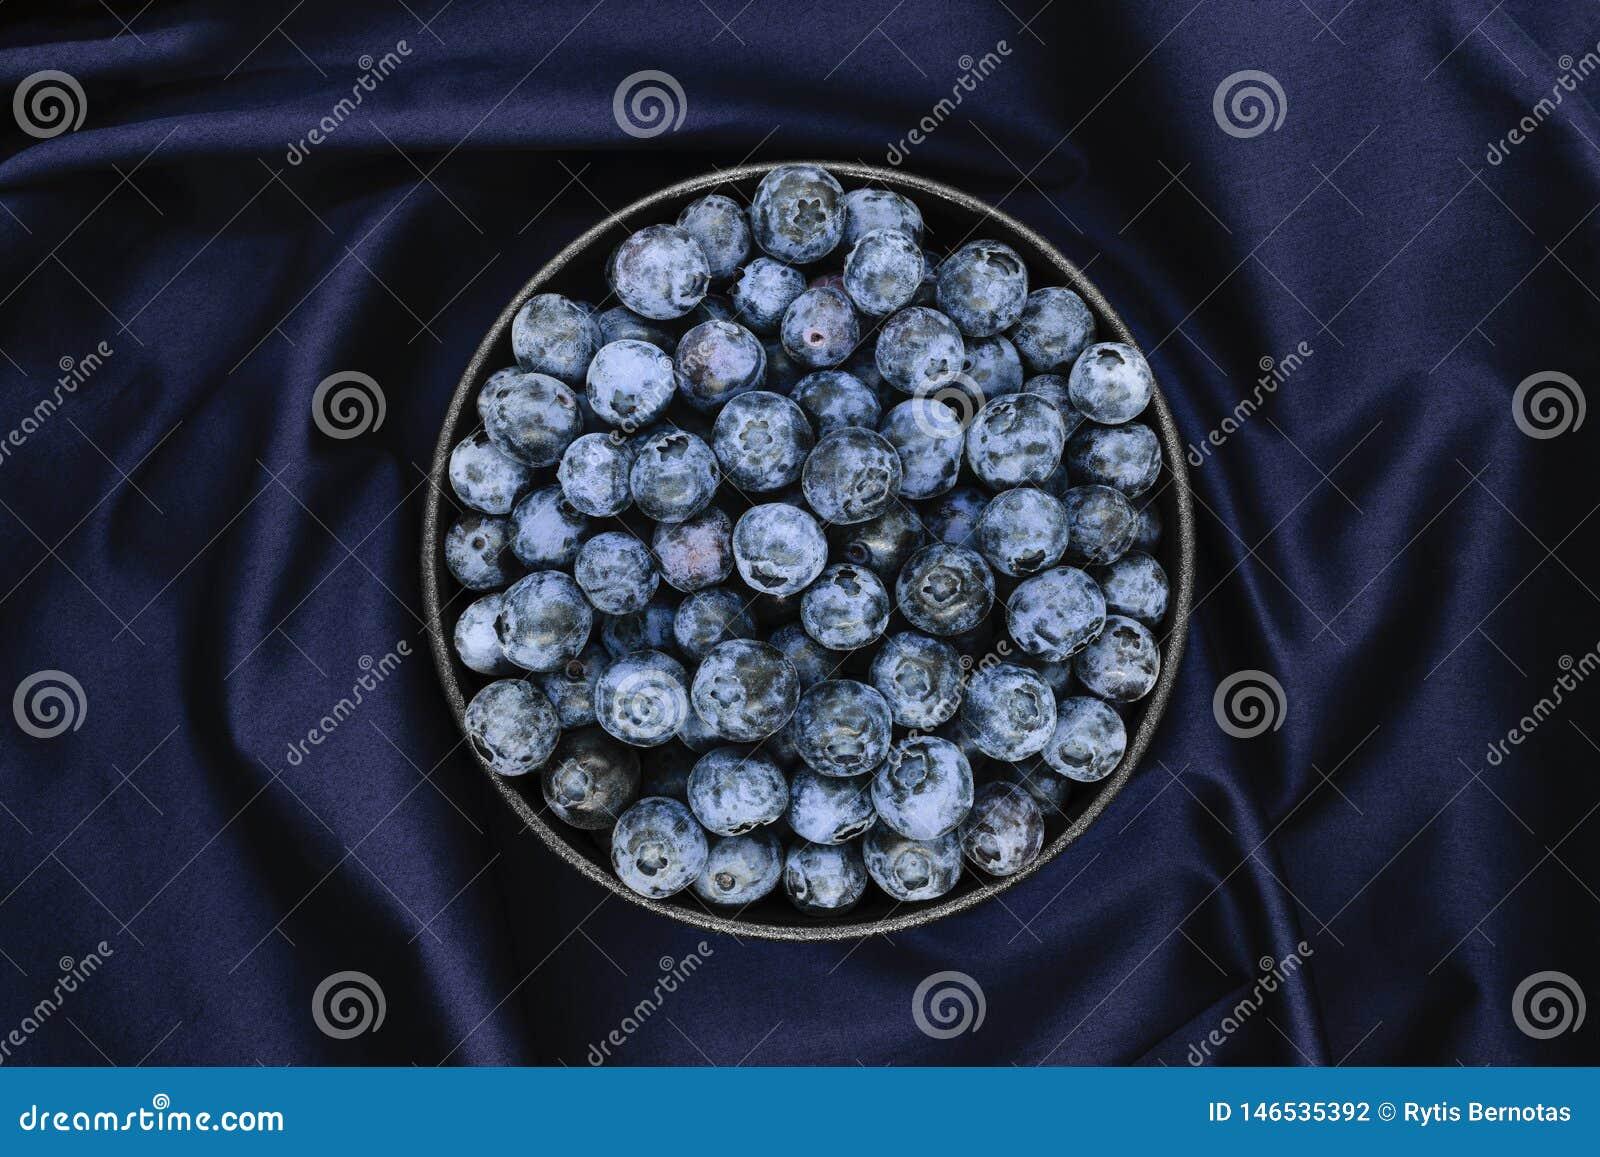 Blåbär på blå tygbakgrund